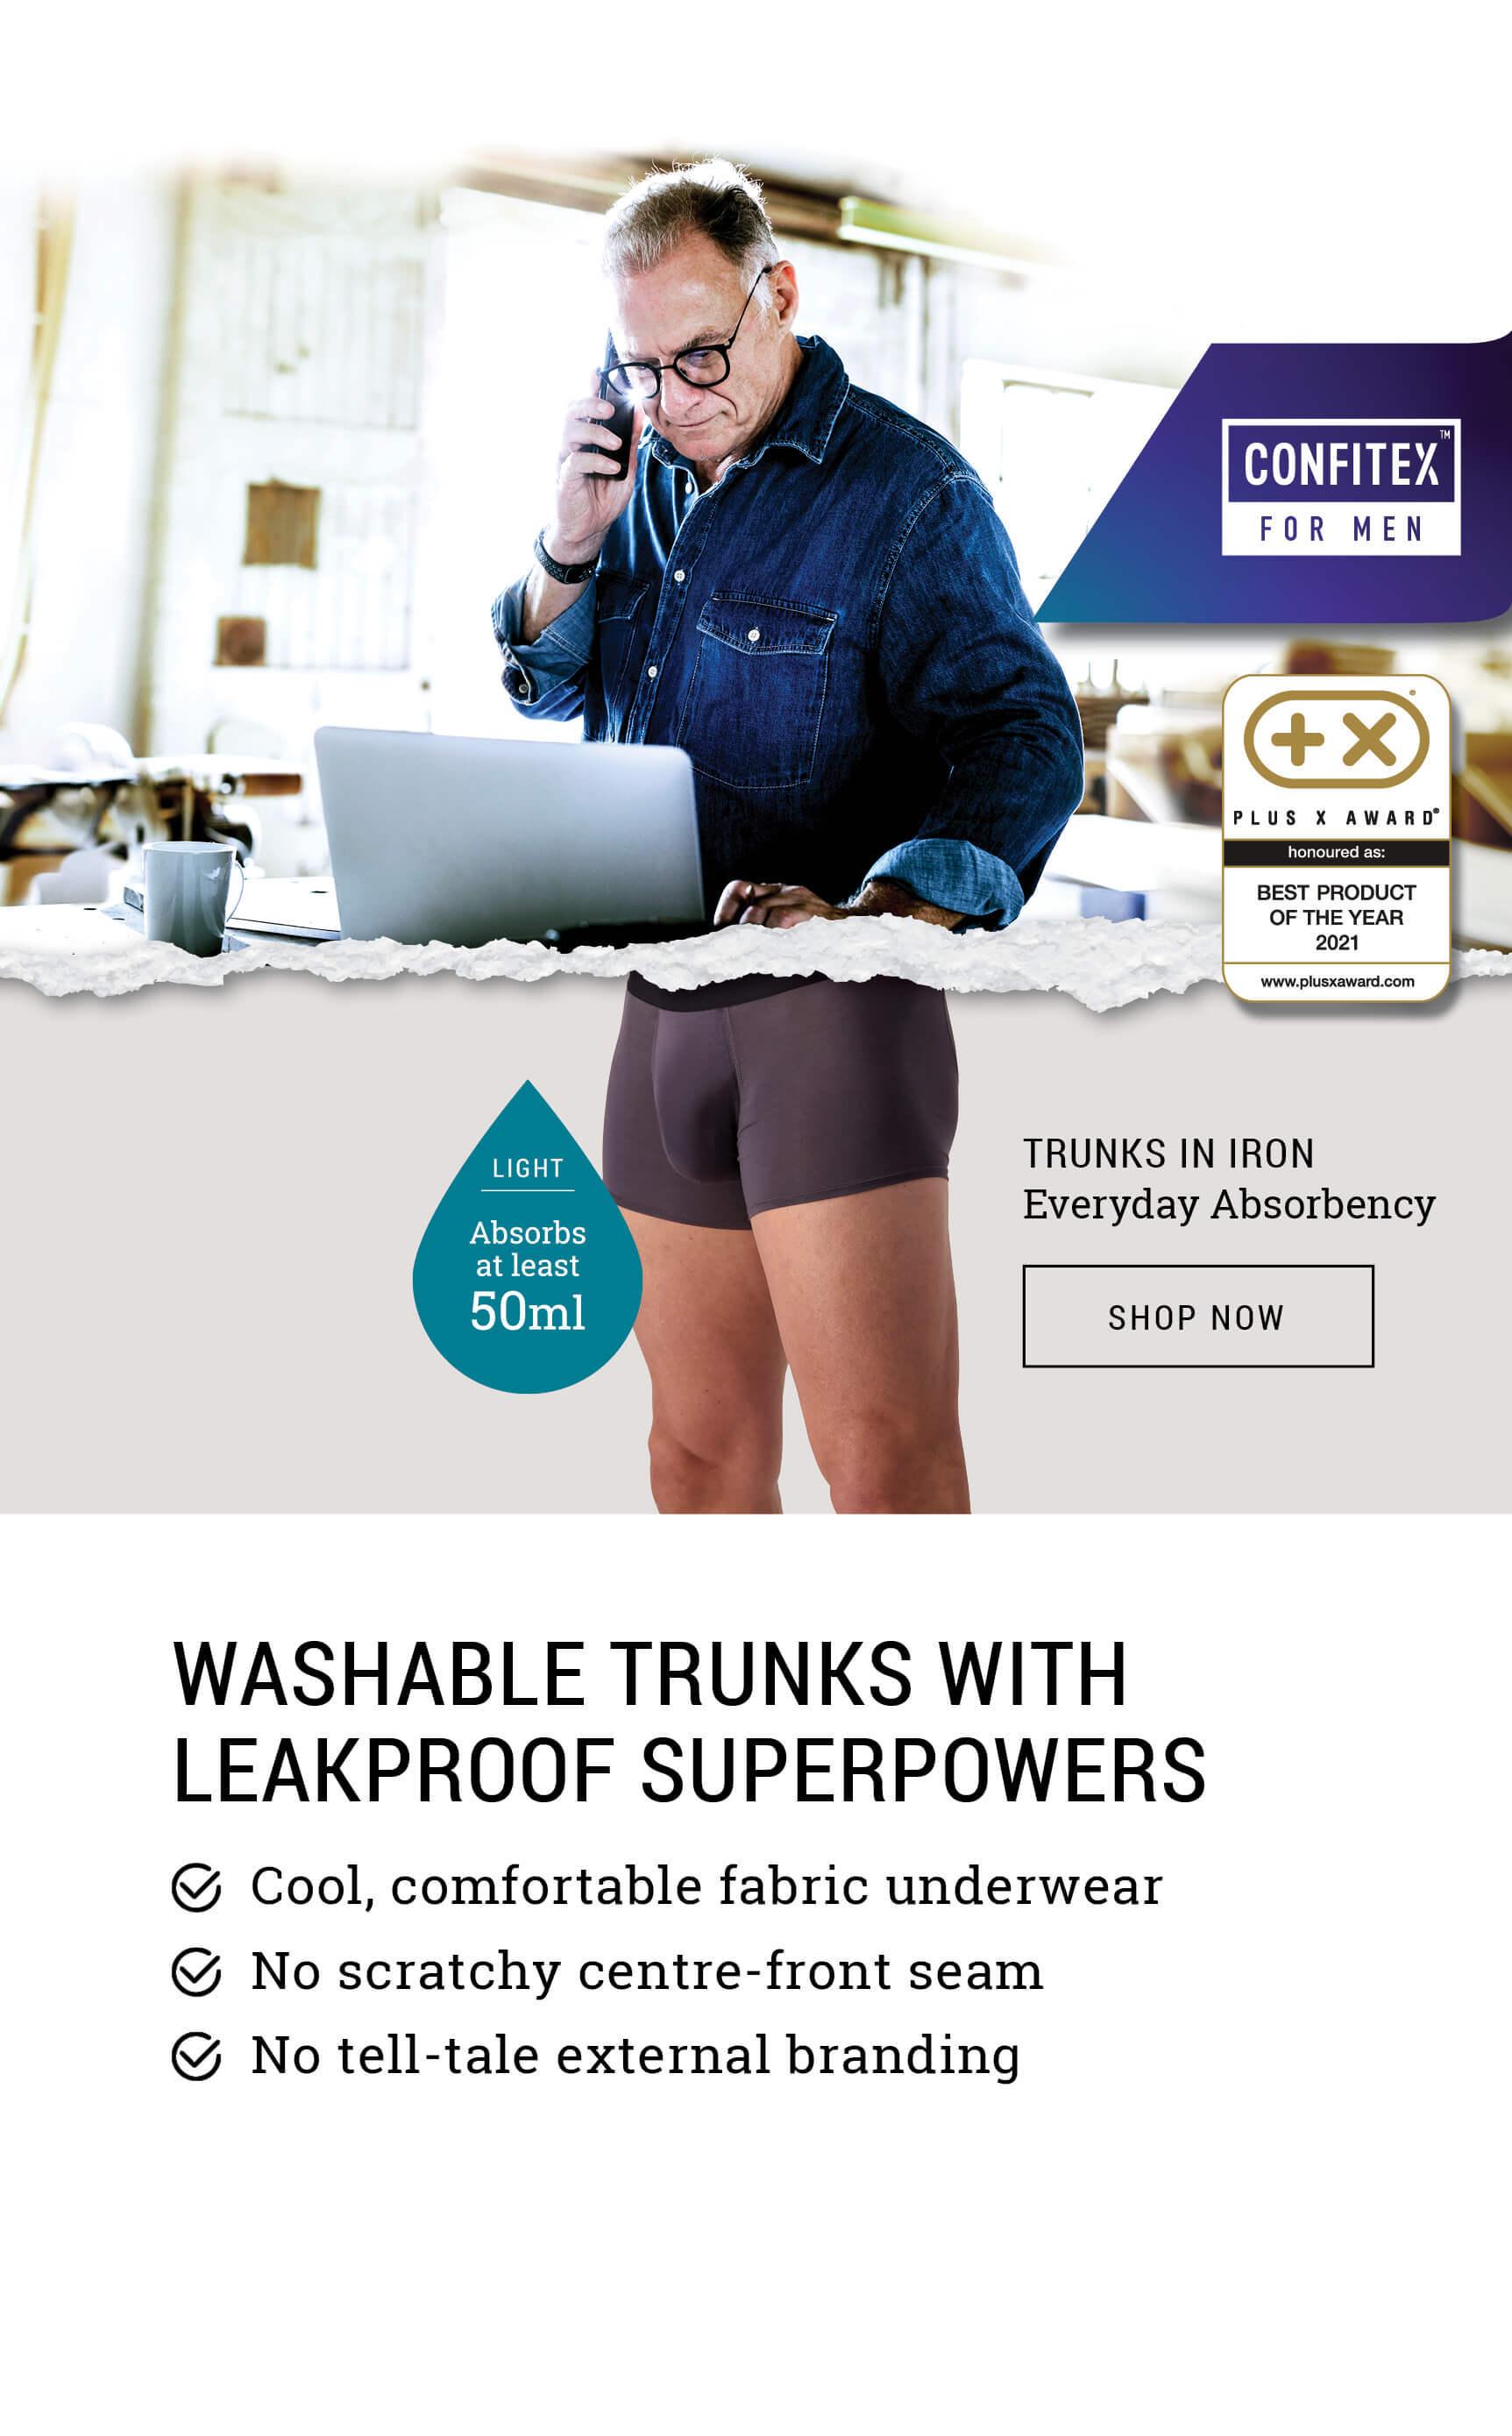 Shop male bladder leakage underwear - Confitex for Men